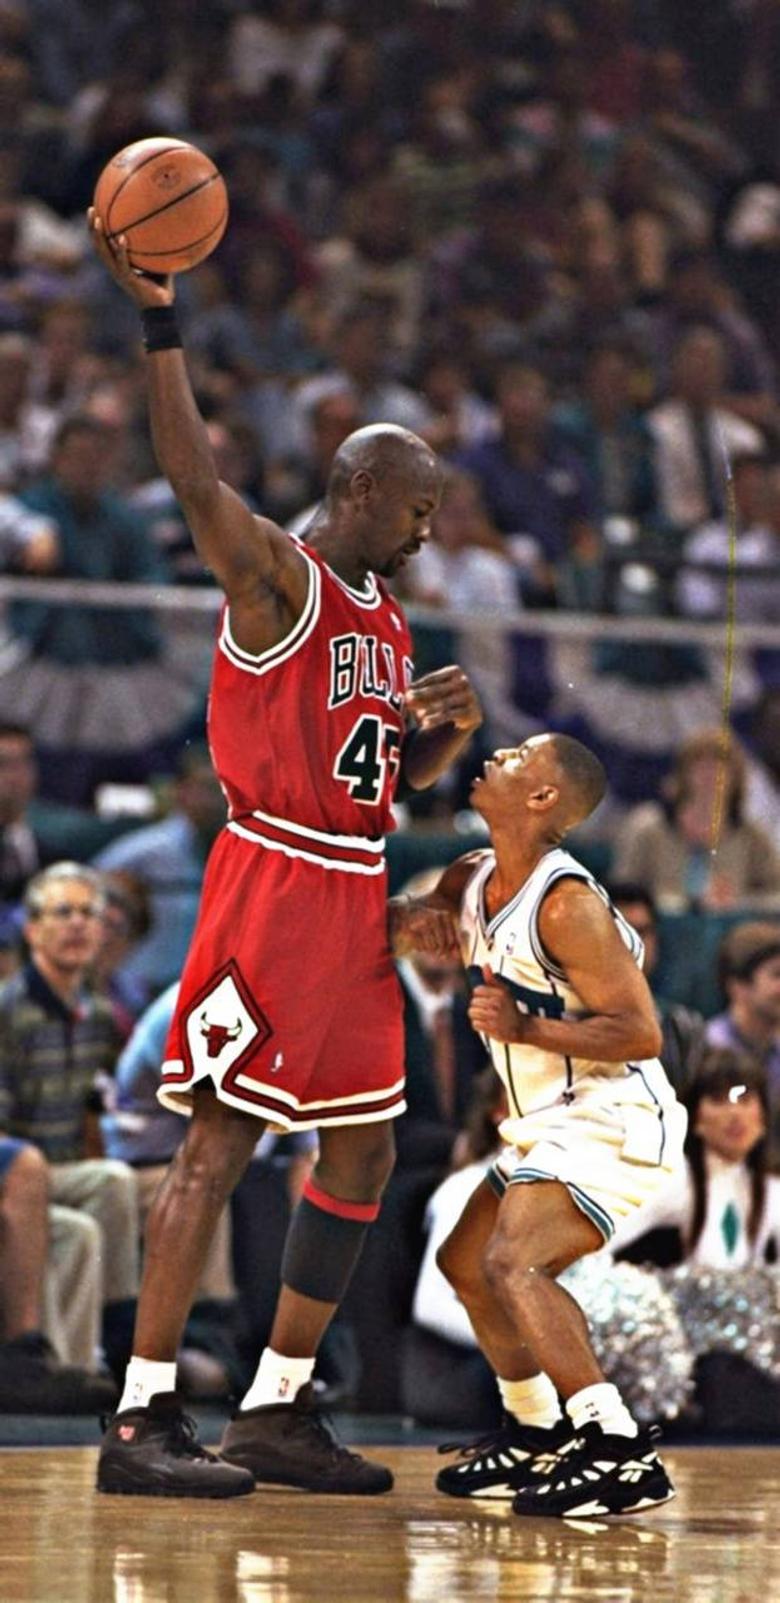 Michael Jordan wallpapers by Jared 64646 zedge